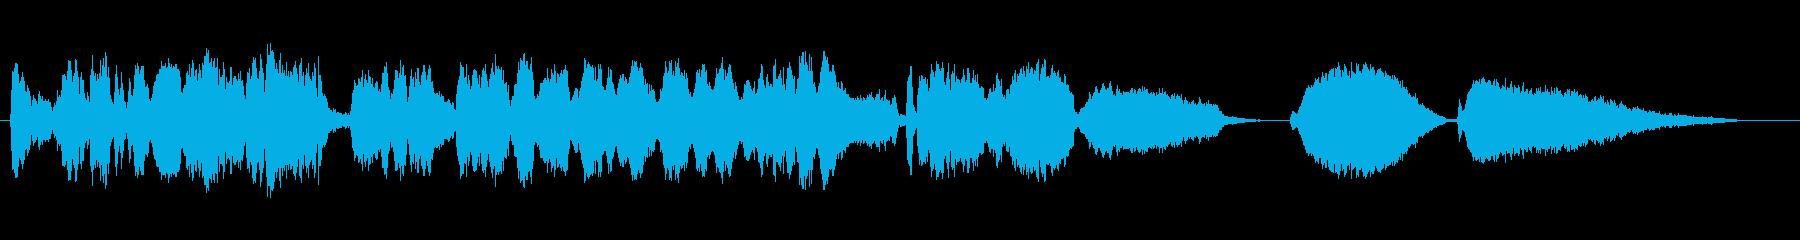 情熱、エネルギッシュなバイオリン独奏曲の再生済みの波形